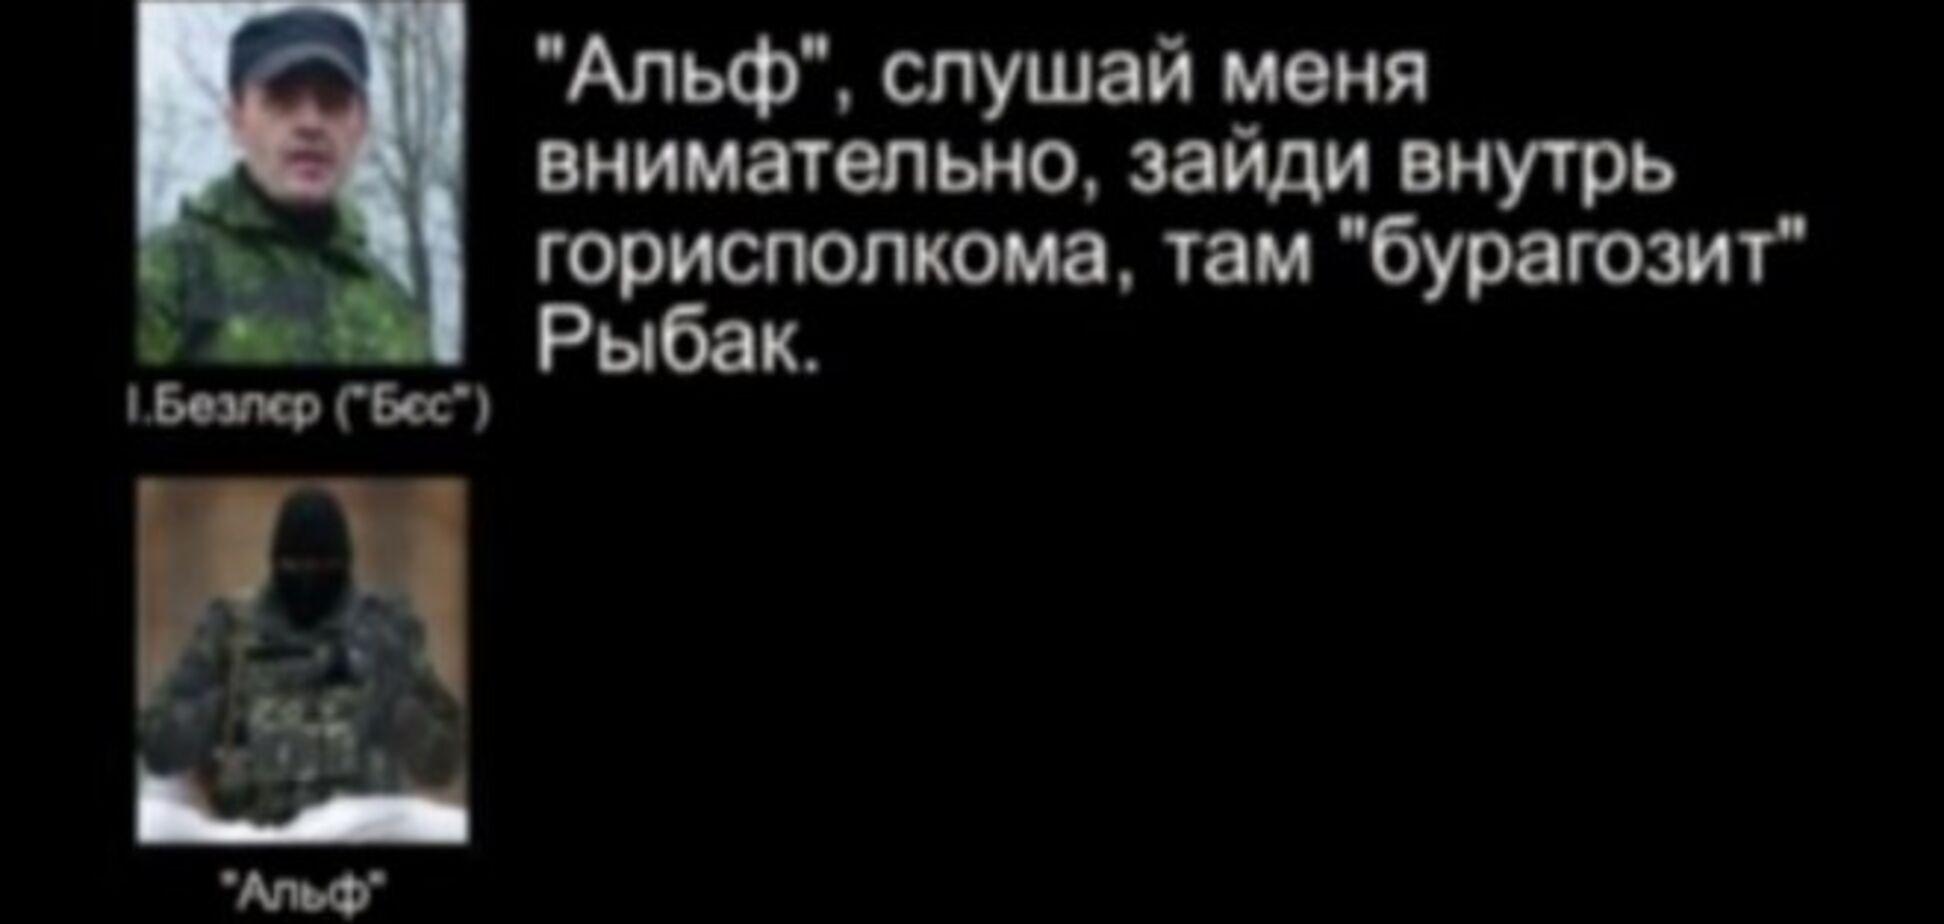 СБУ получила аудиопереговоры боевиков, в которых они обсуждают убийство депутата Рыбака